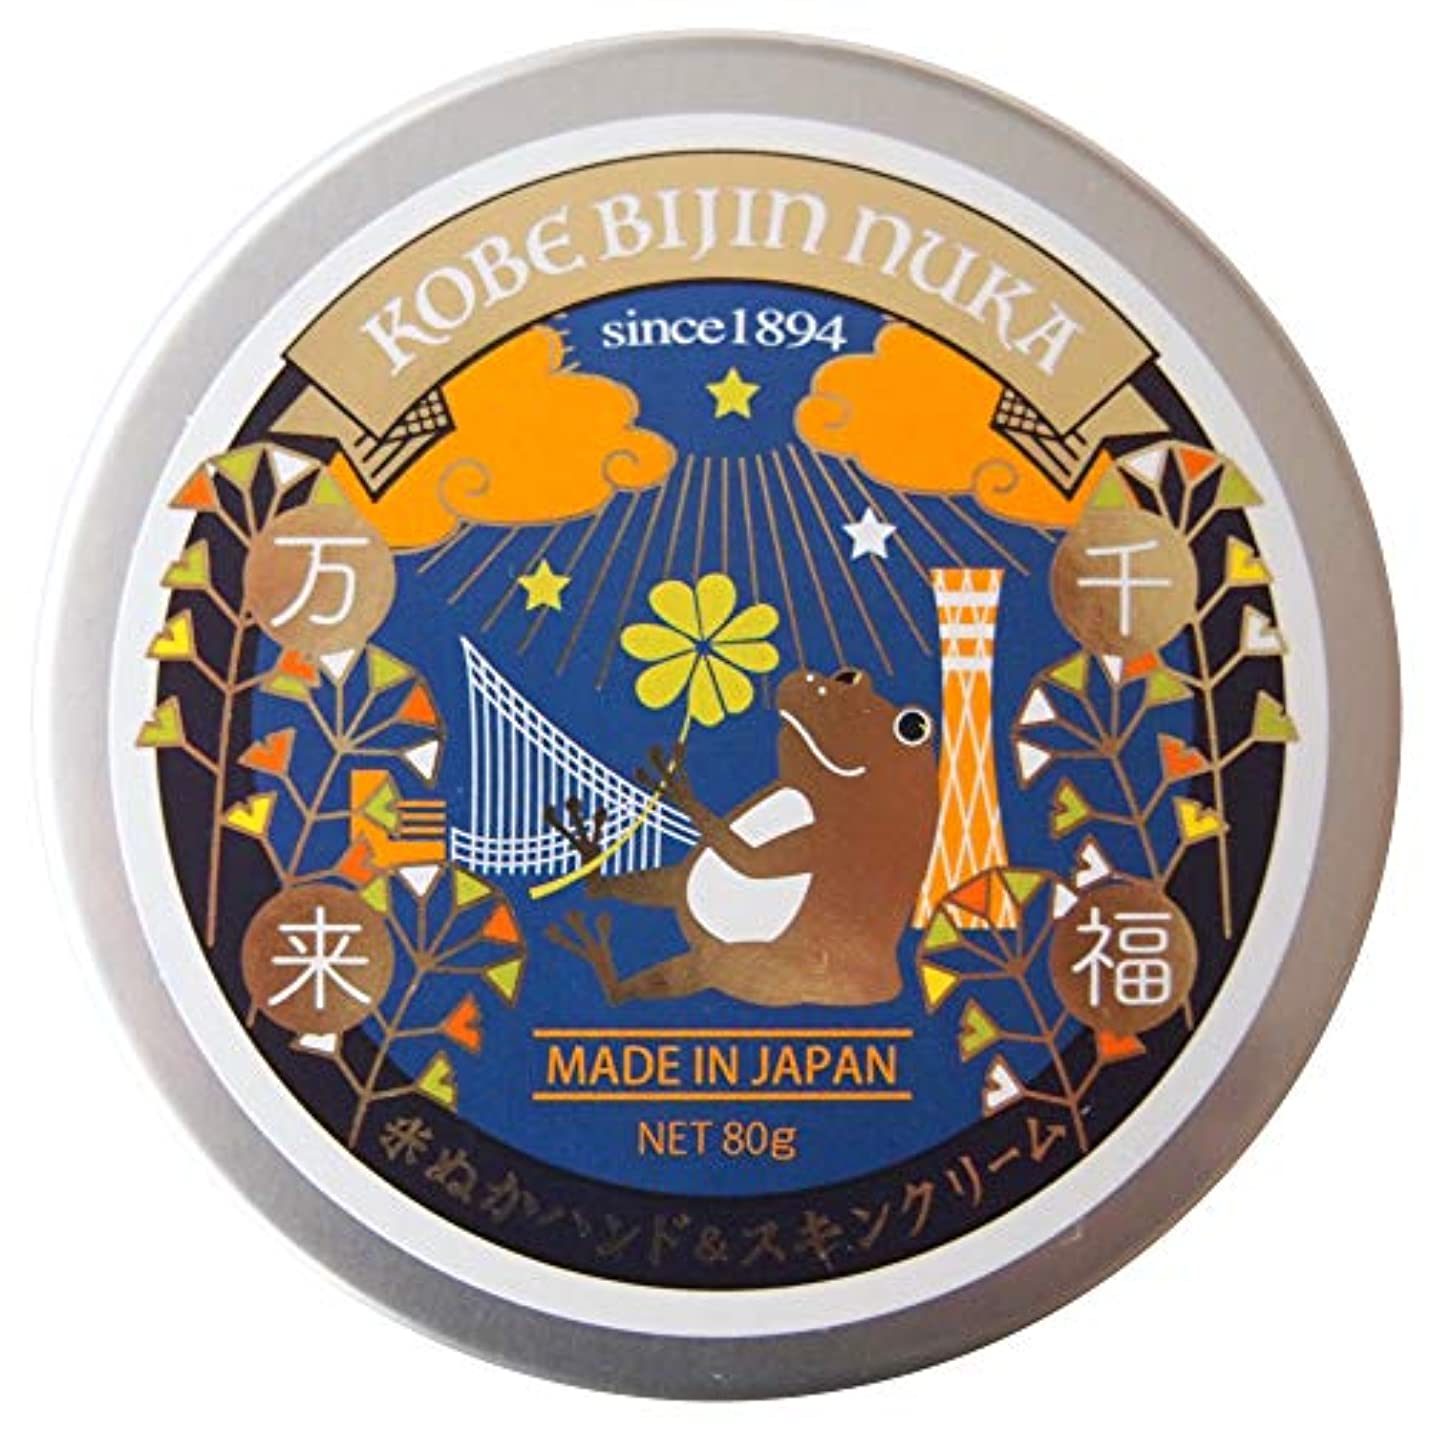 祭り稼ぐバックグラウンド神戸美人ぬか 米ぬかハンド&スキンクリーム(千福万来)【ヘルシーシトラスの香り】 80g